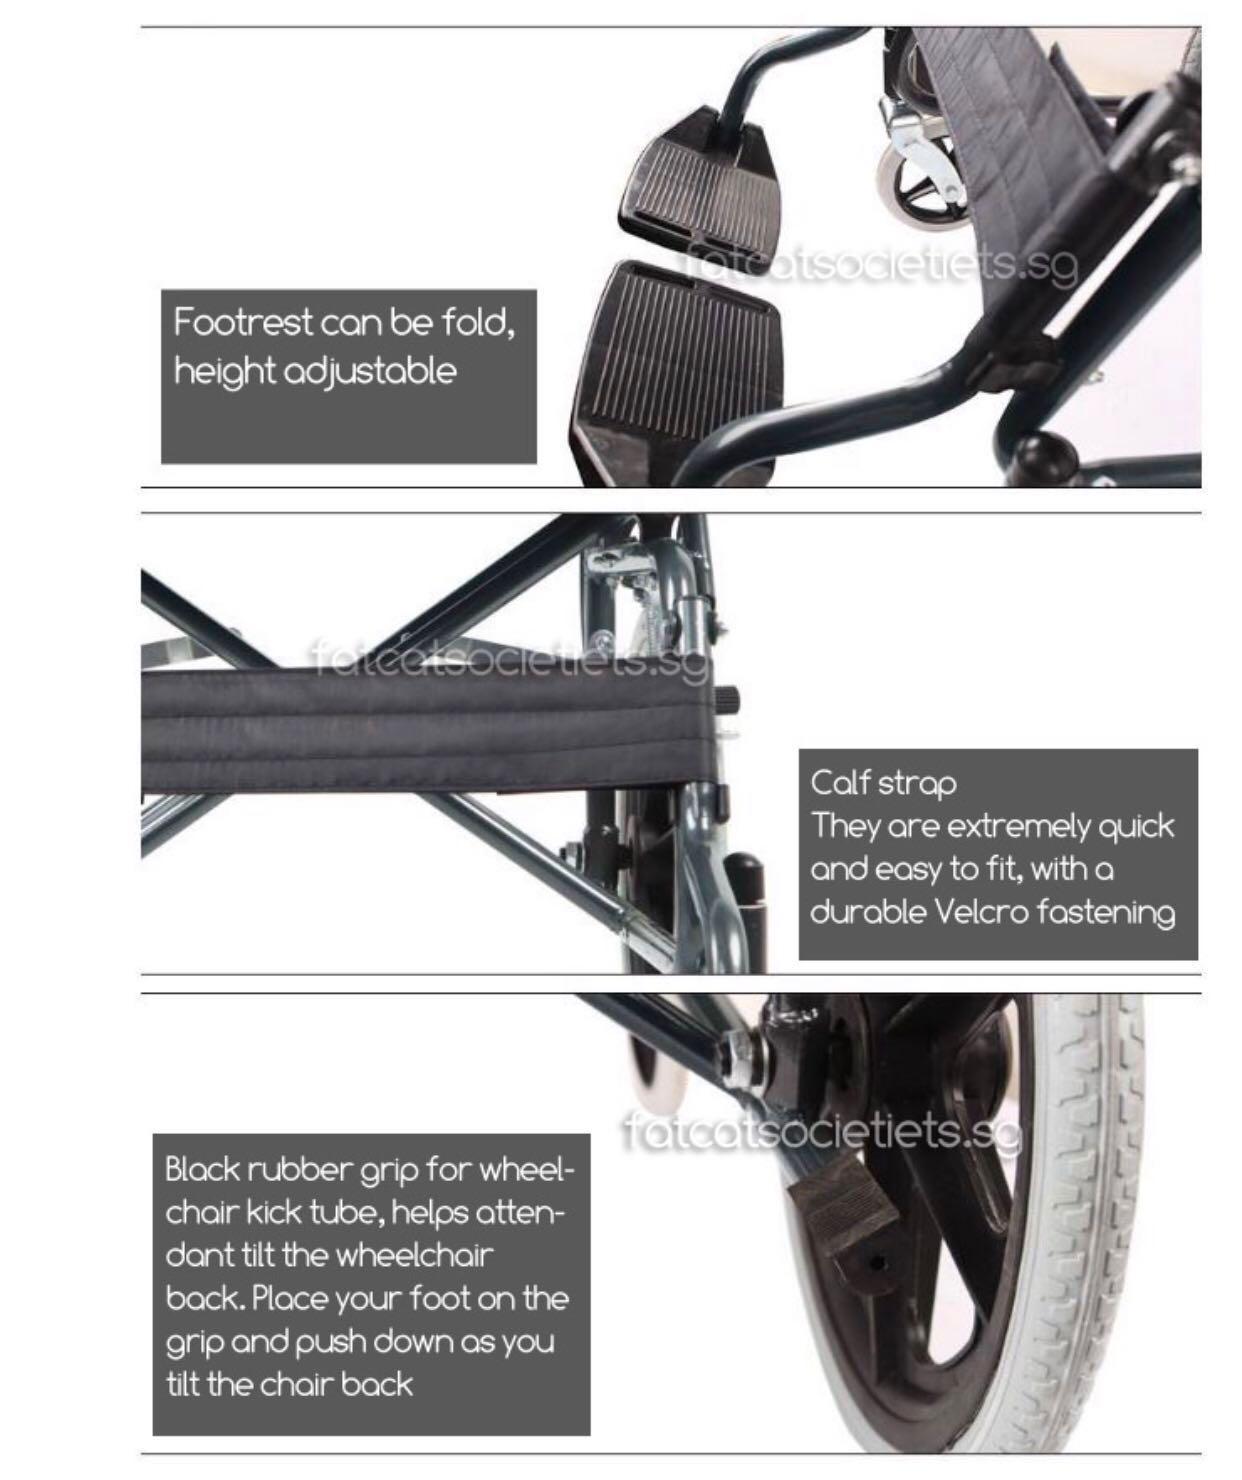 Budget Wheelchair / Pushchair 11.5kg